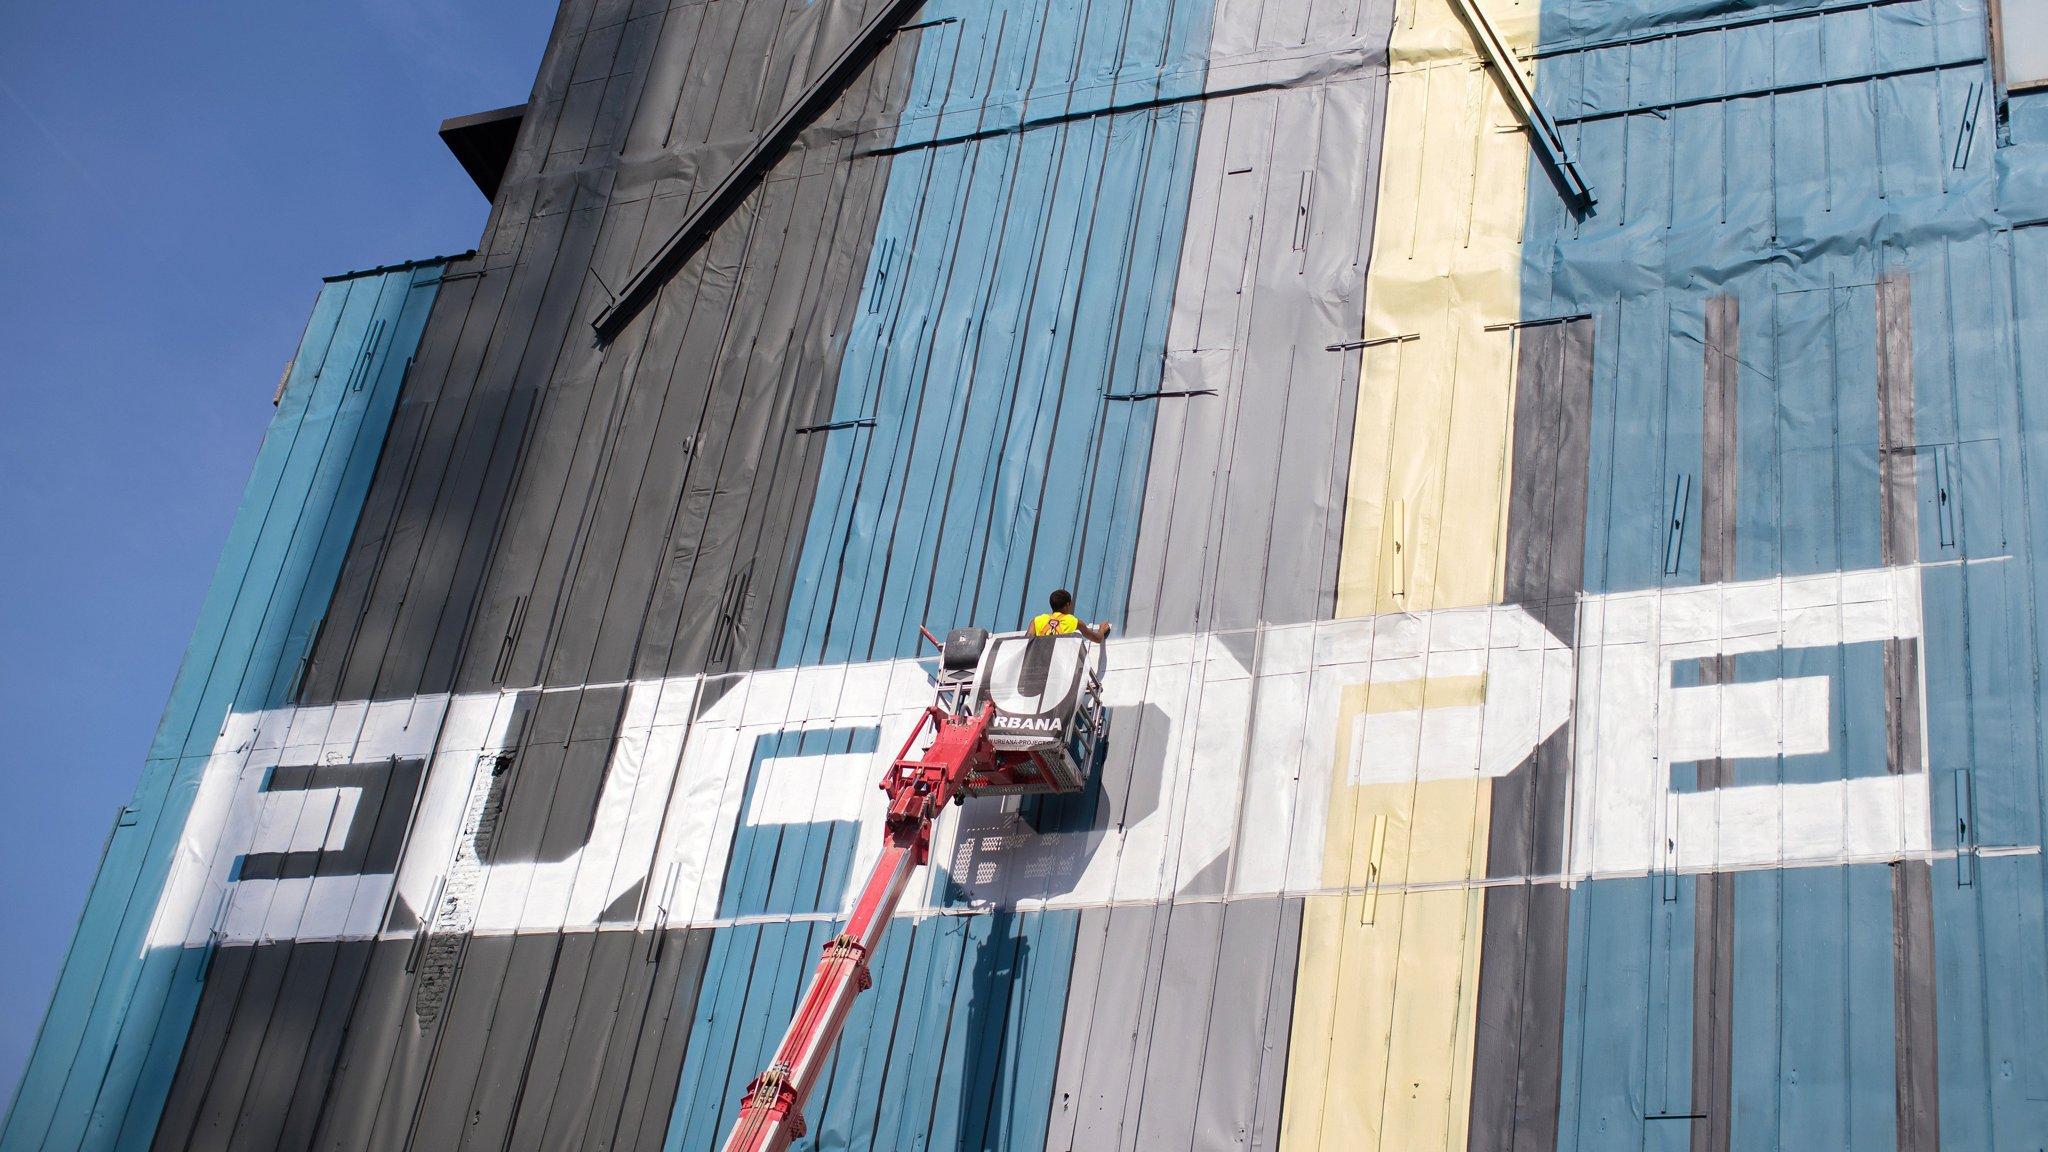 Eurozone members split over Brussels' reform plan